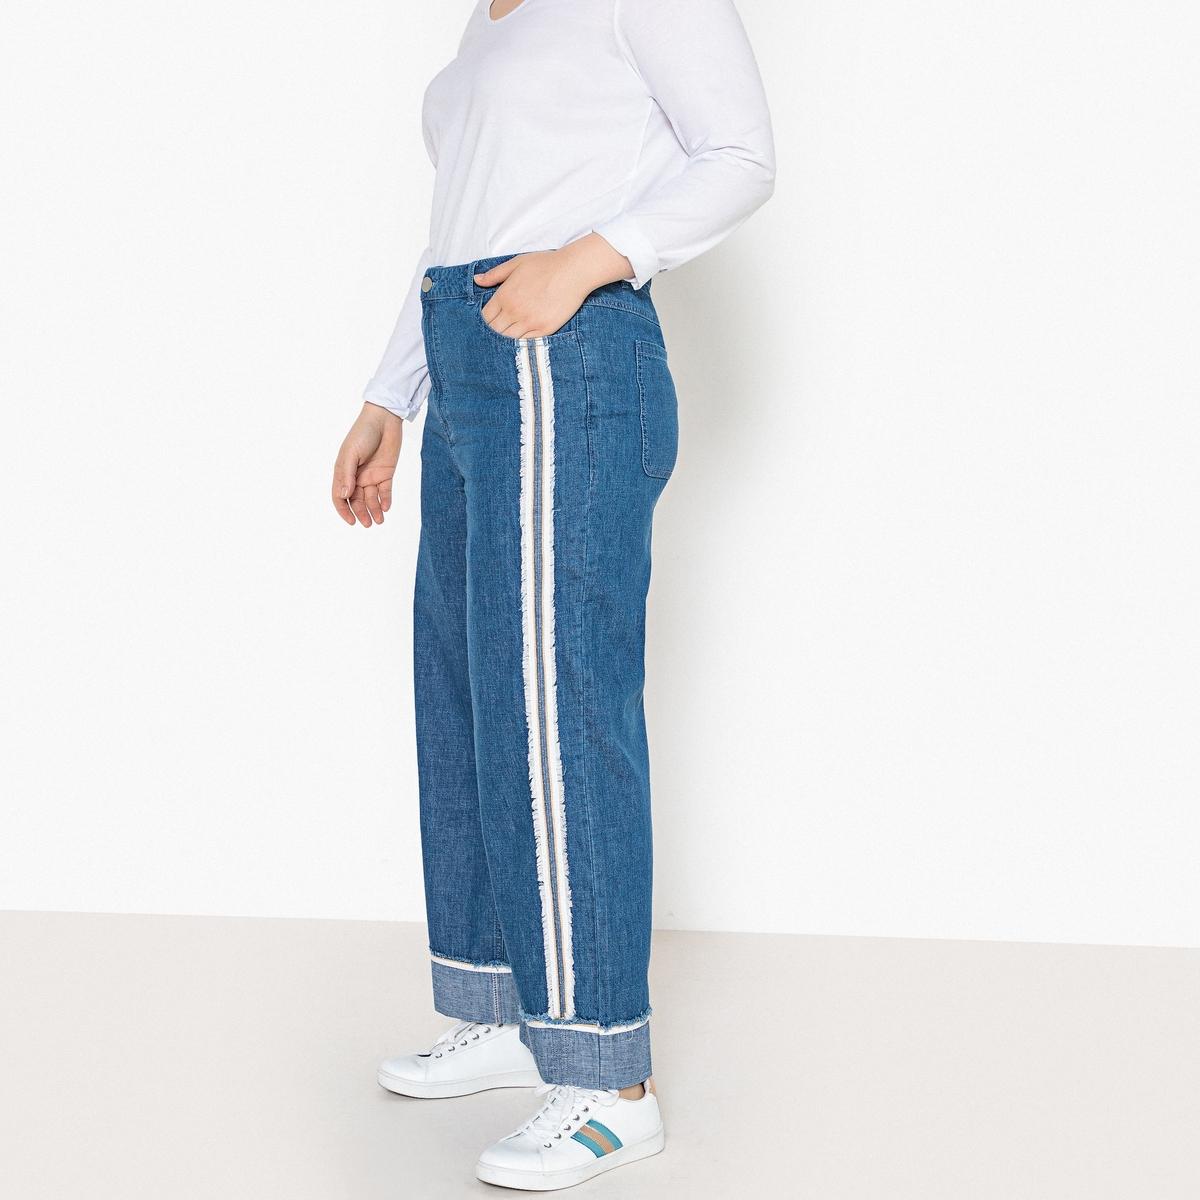 Джинсы широкие джинсы прямые большого размера